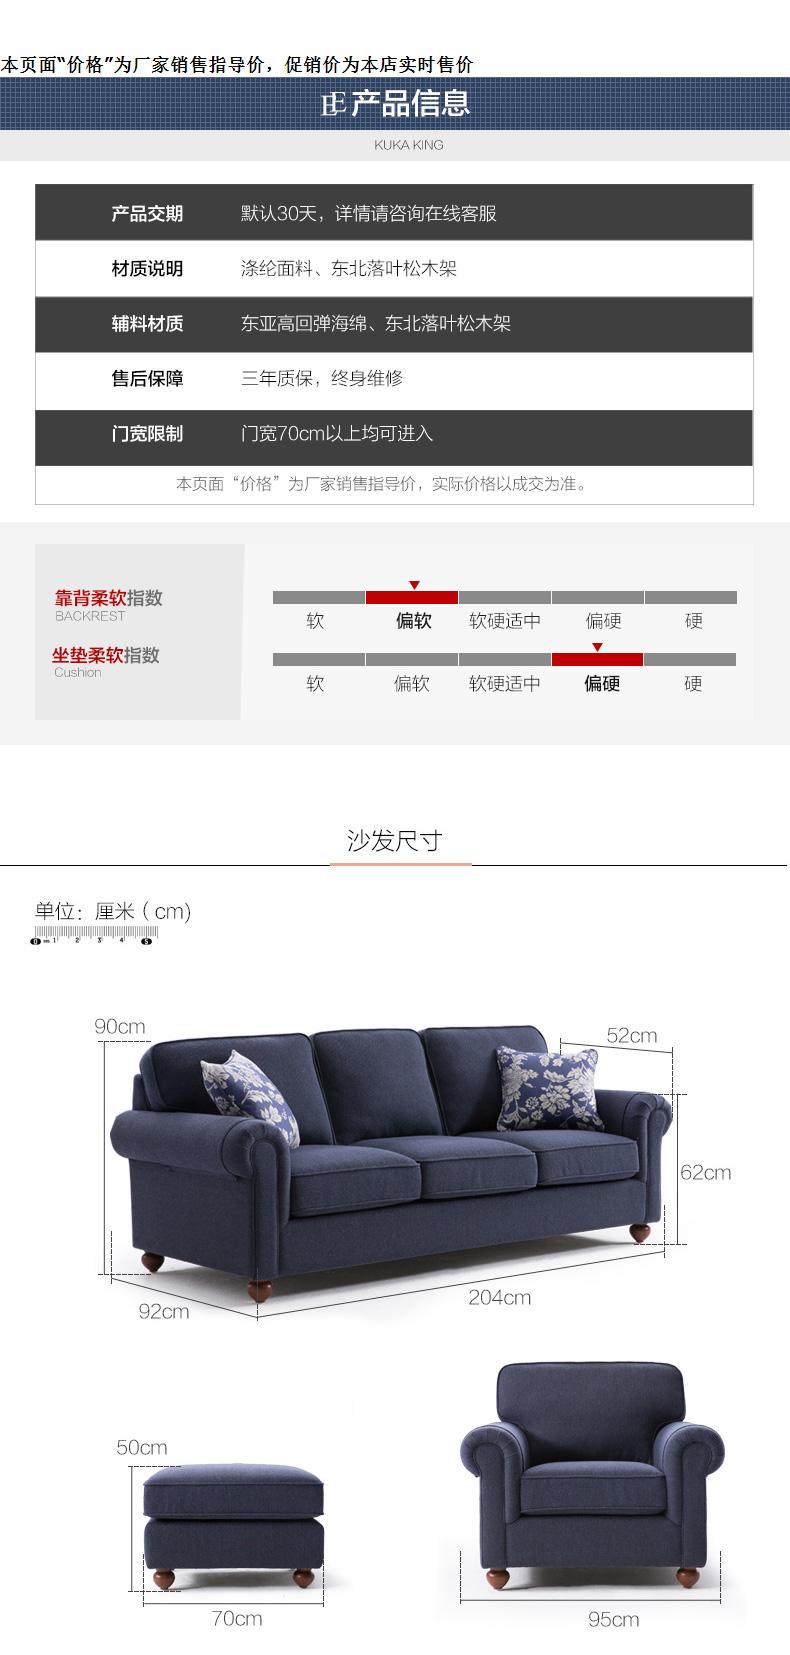 顾家-简约美式可拆洗布艺沙发2030_09.jpg